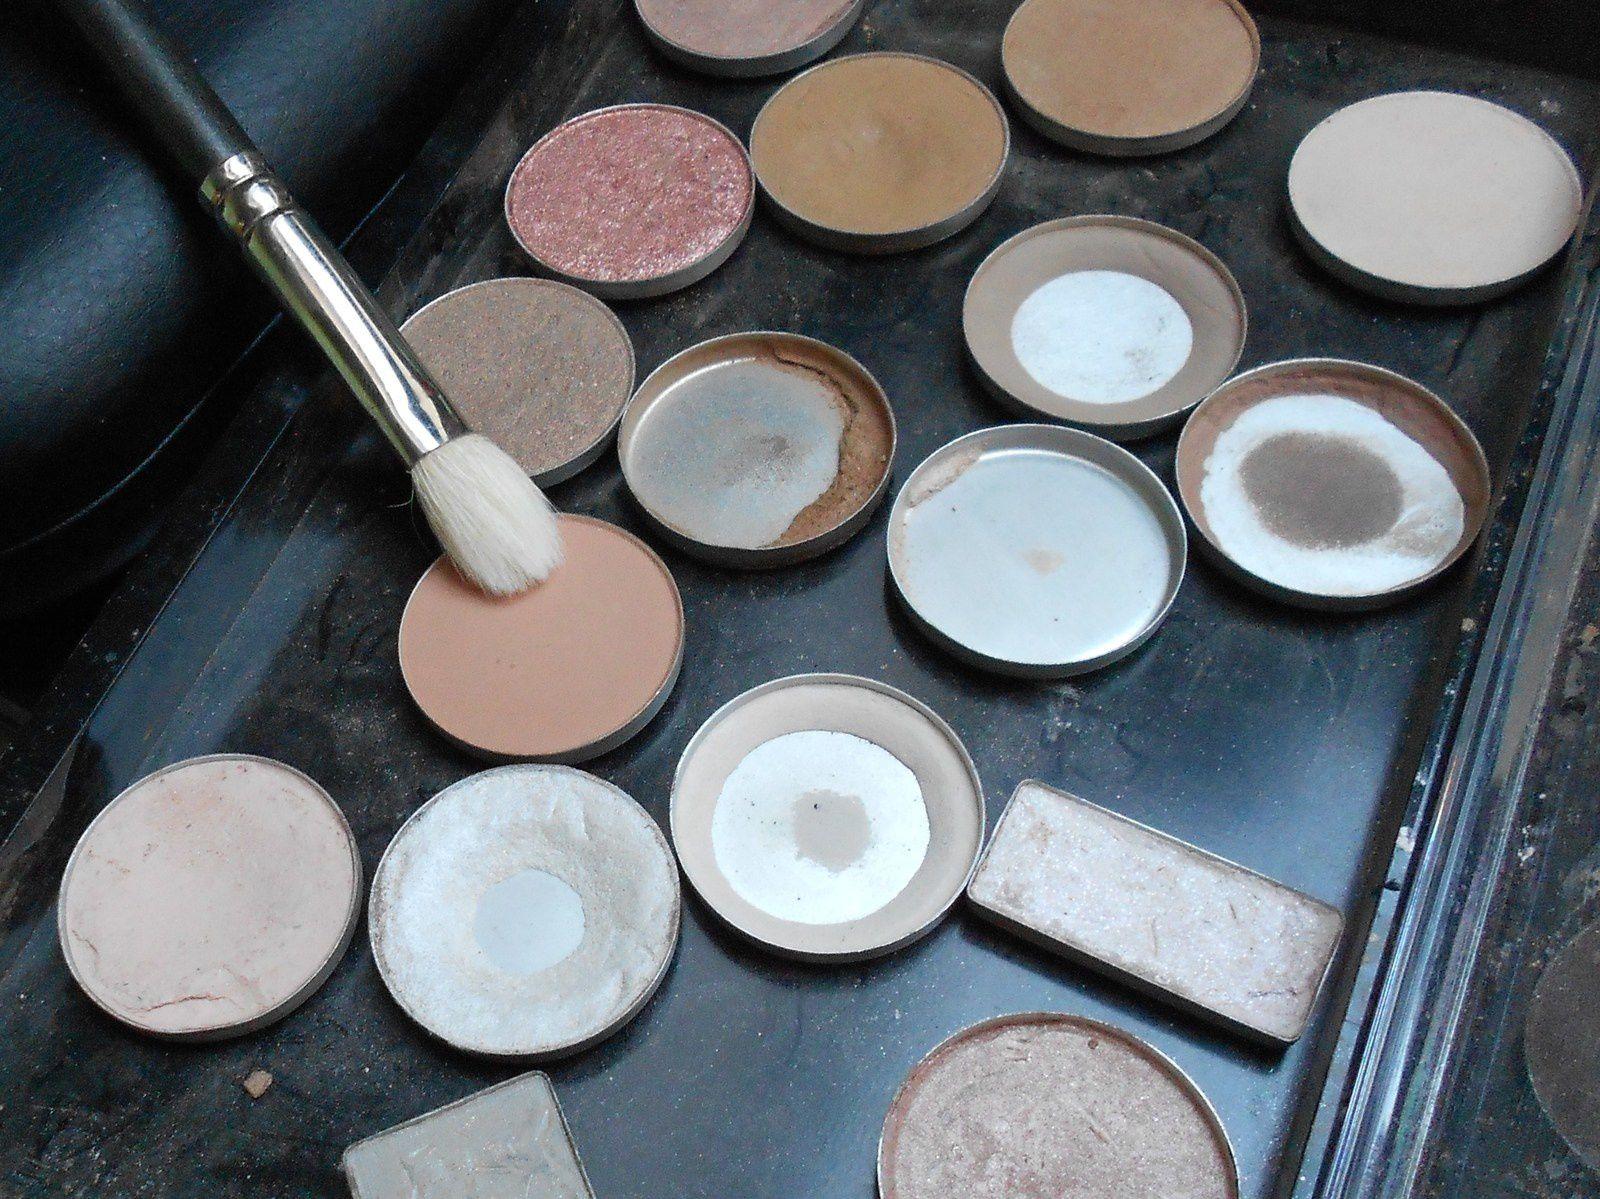 Tuto : Maquillage pour les fêtes #3